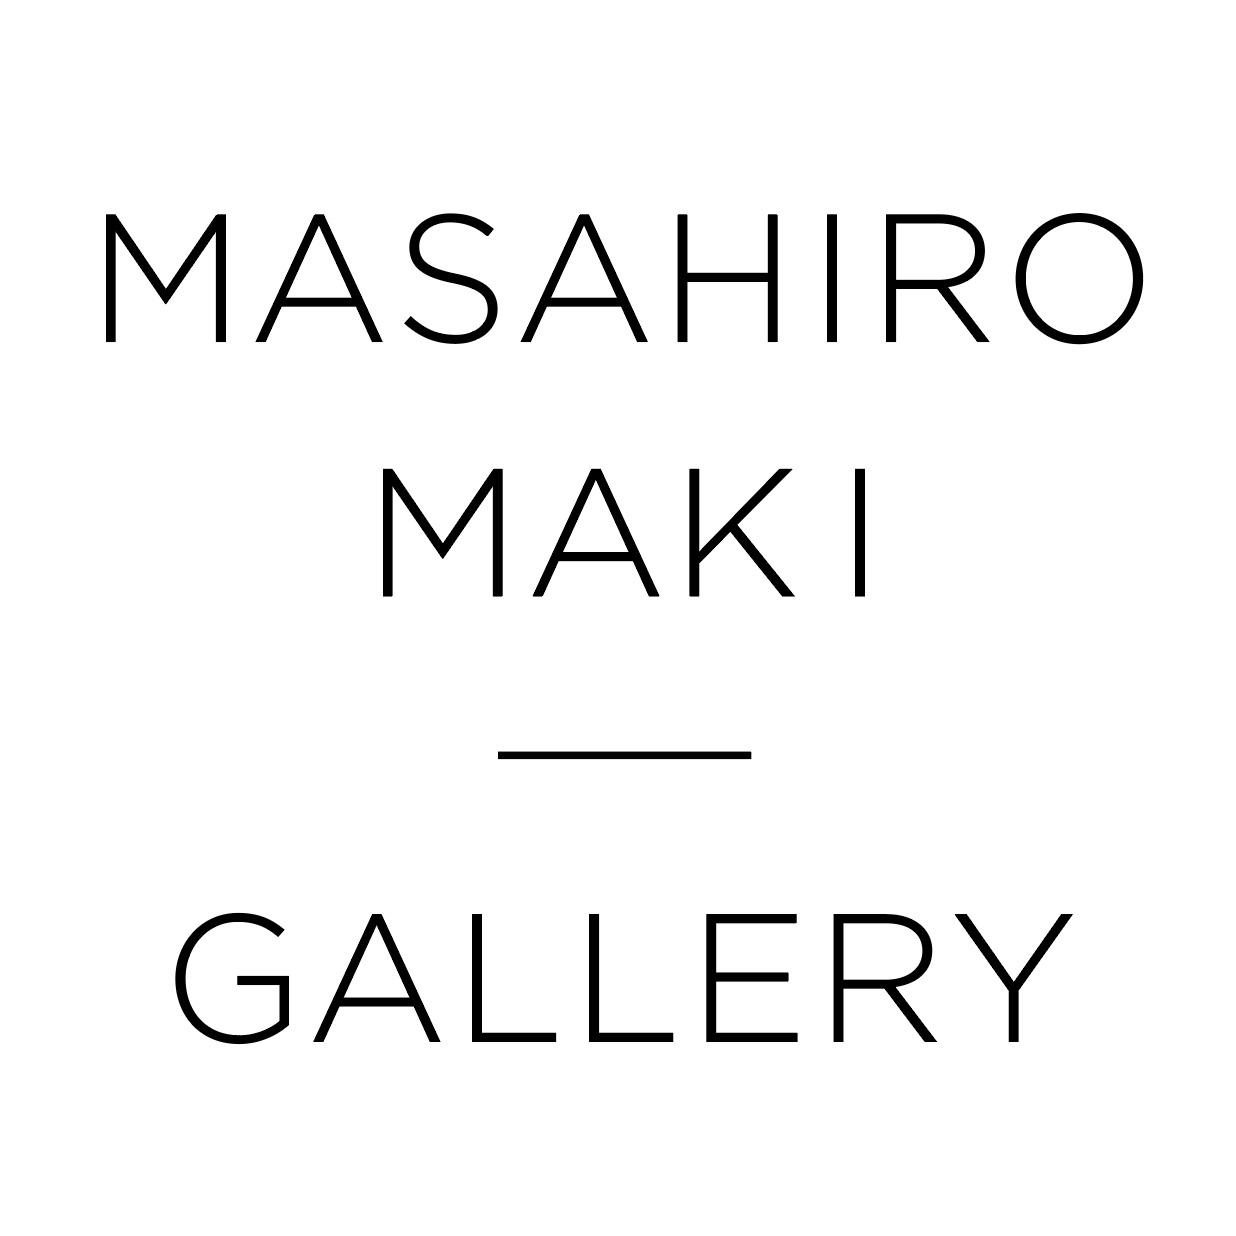 MASAHIRO MAKI GALLERY